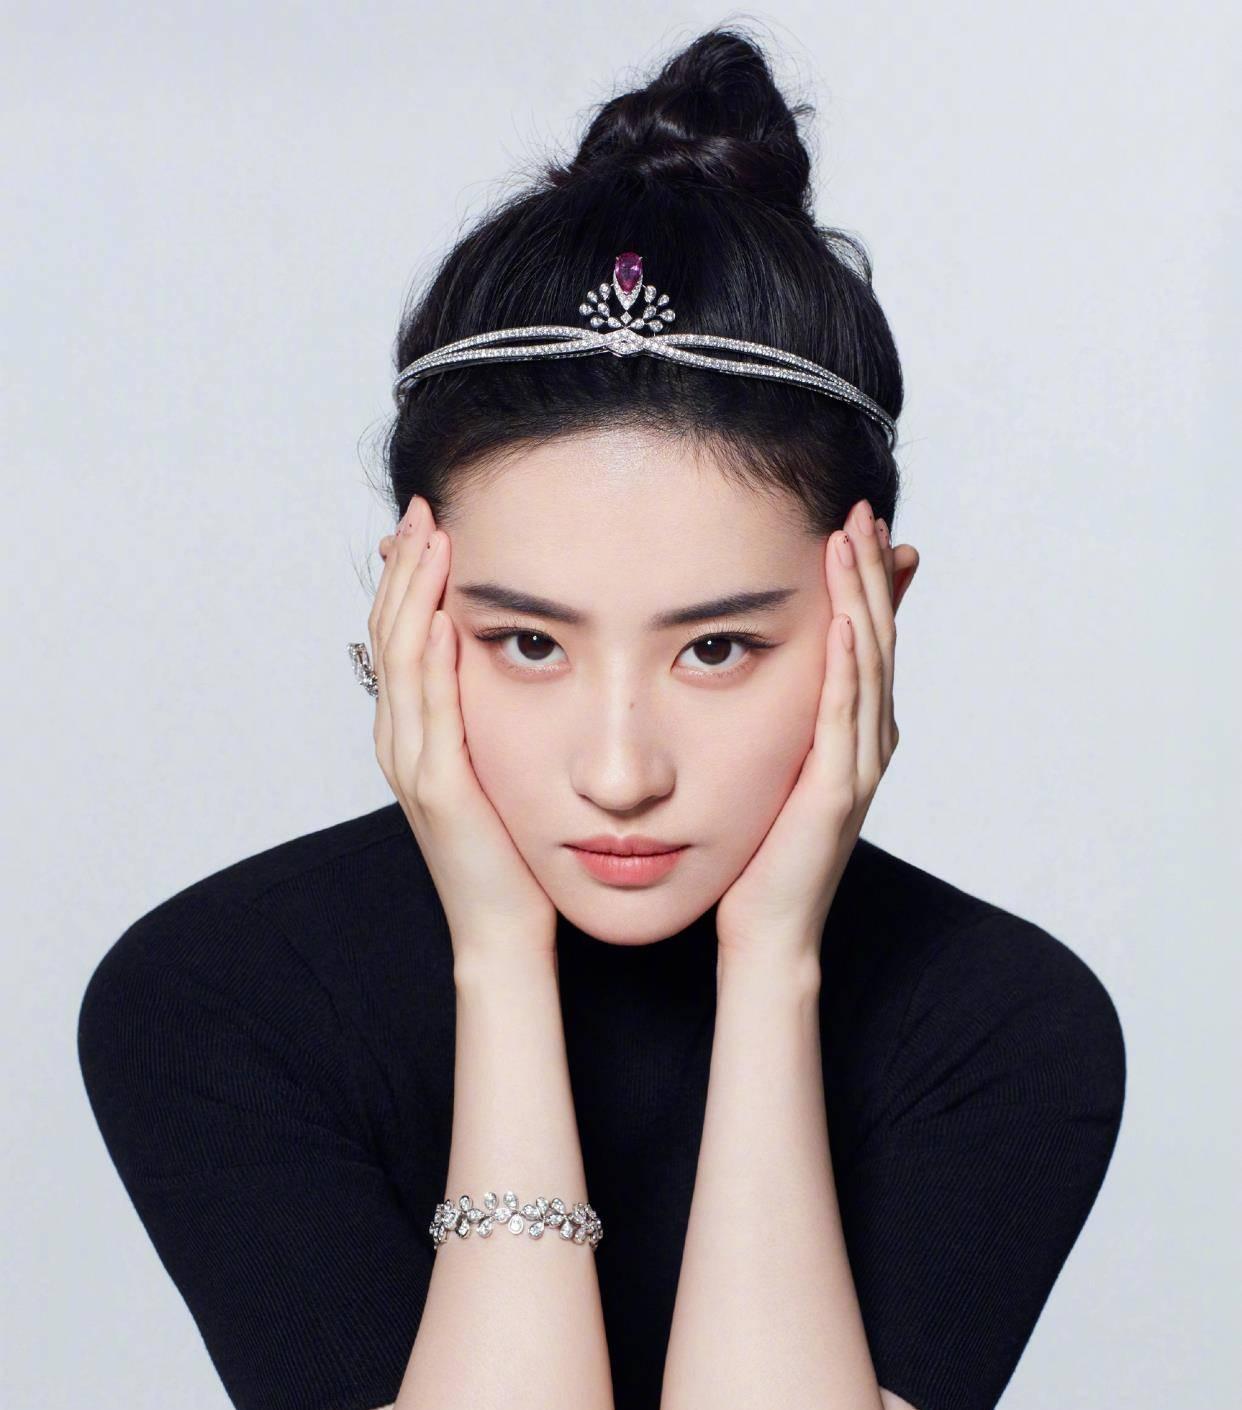 劉亦菲鉆石發箍 有沒有被天仙姐姐的眼神殺到?